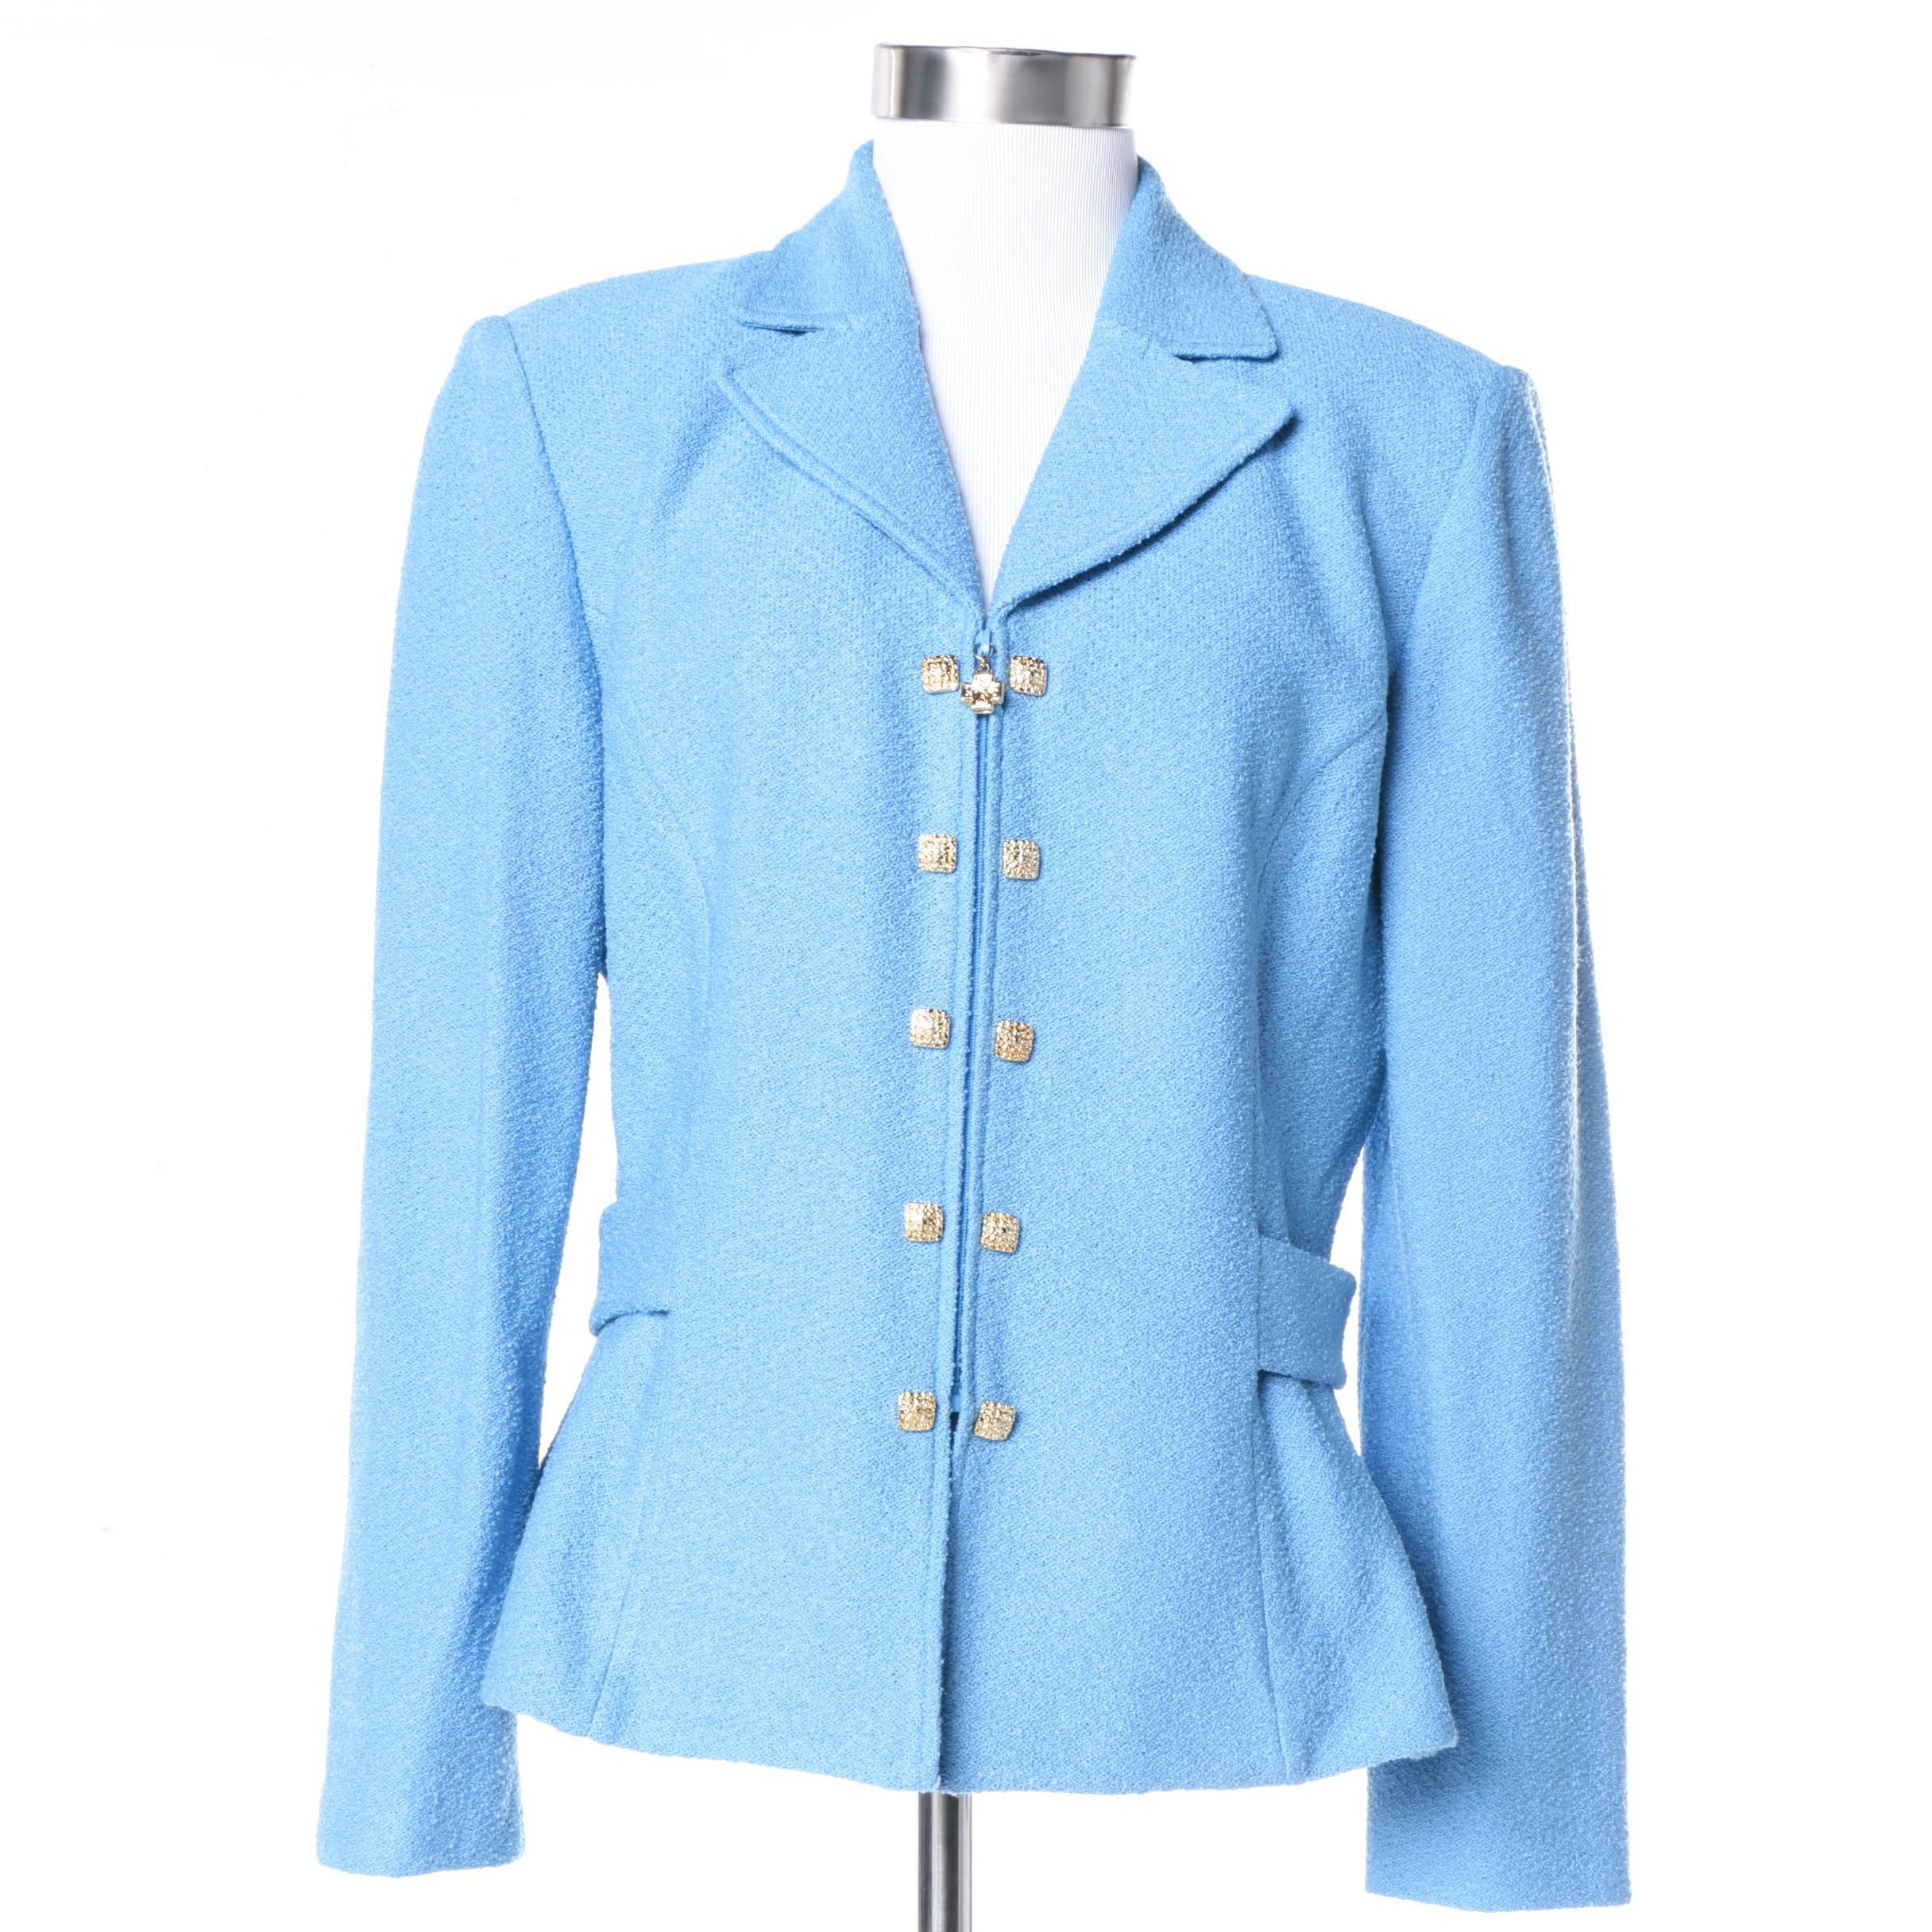 St. John Collection Light Blue Knit Jacket